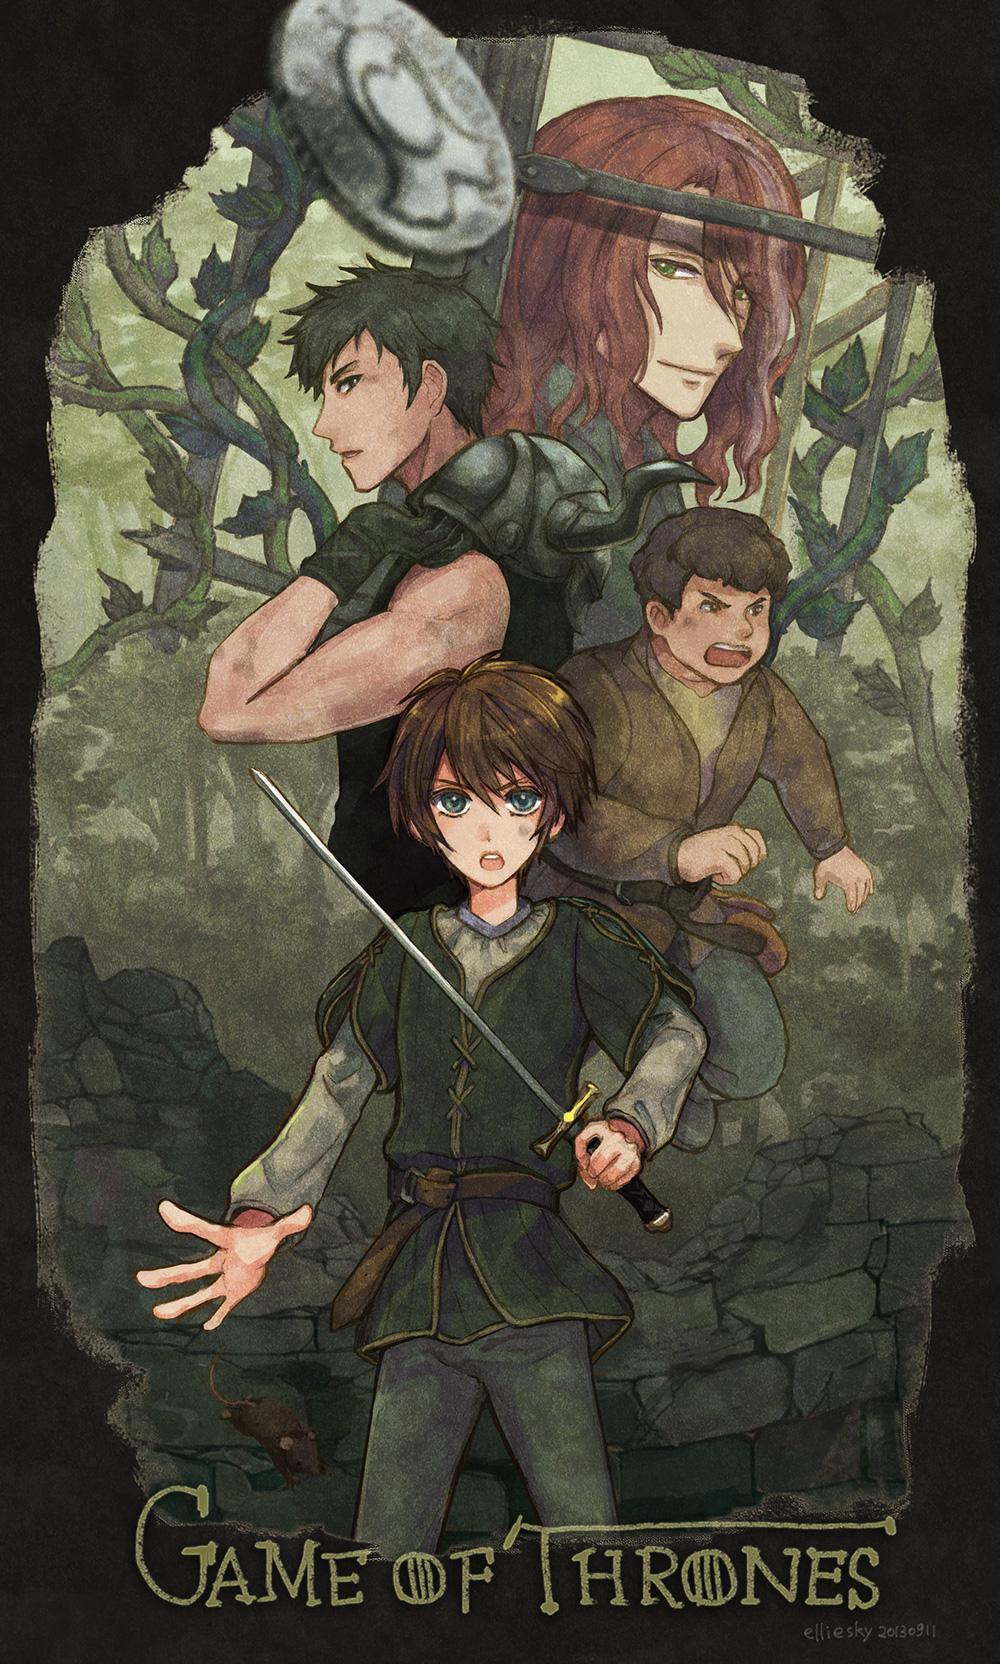 Arya/Gendry/Hotpie/Jaqen by elliesky